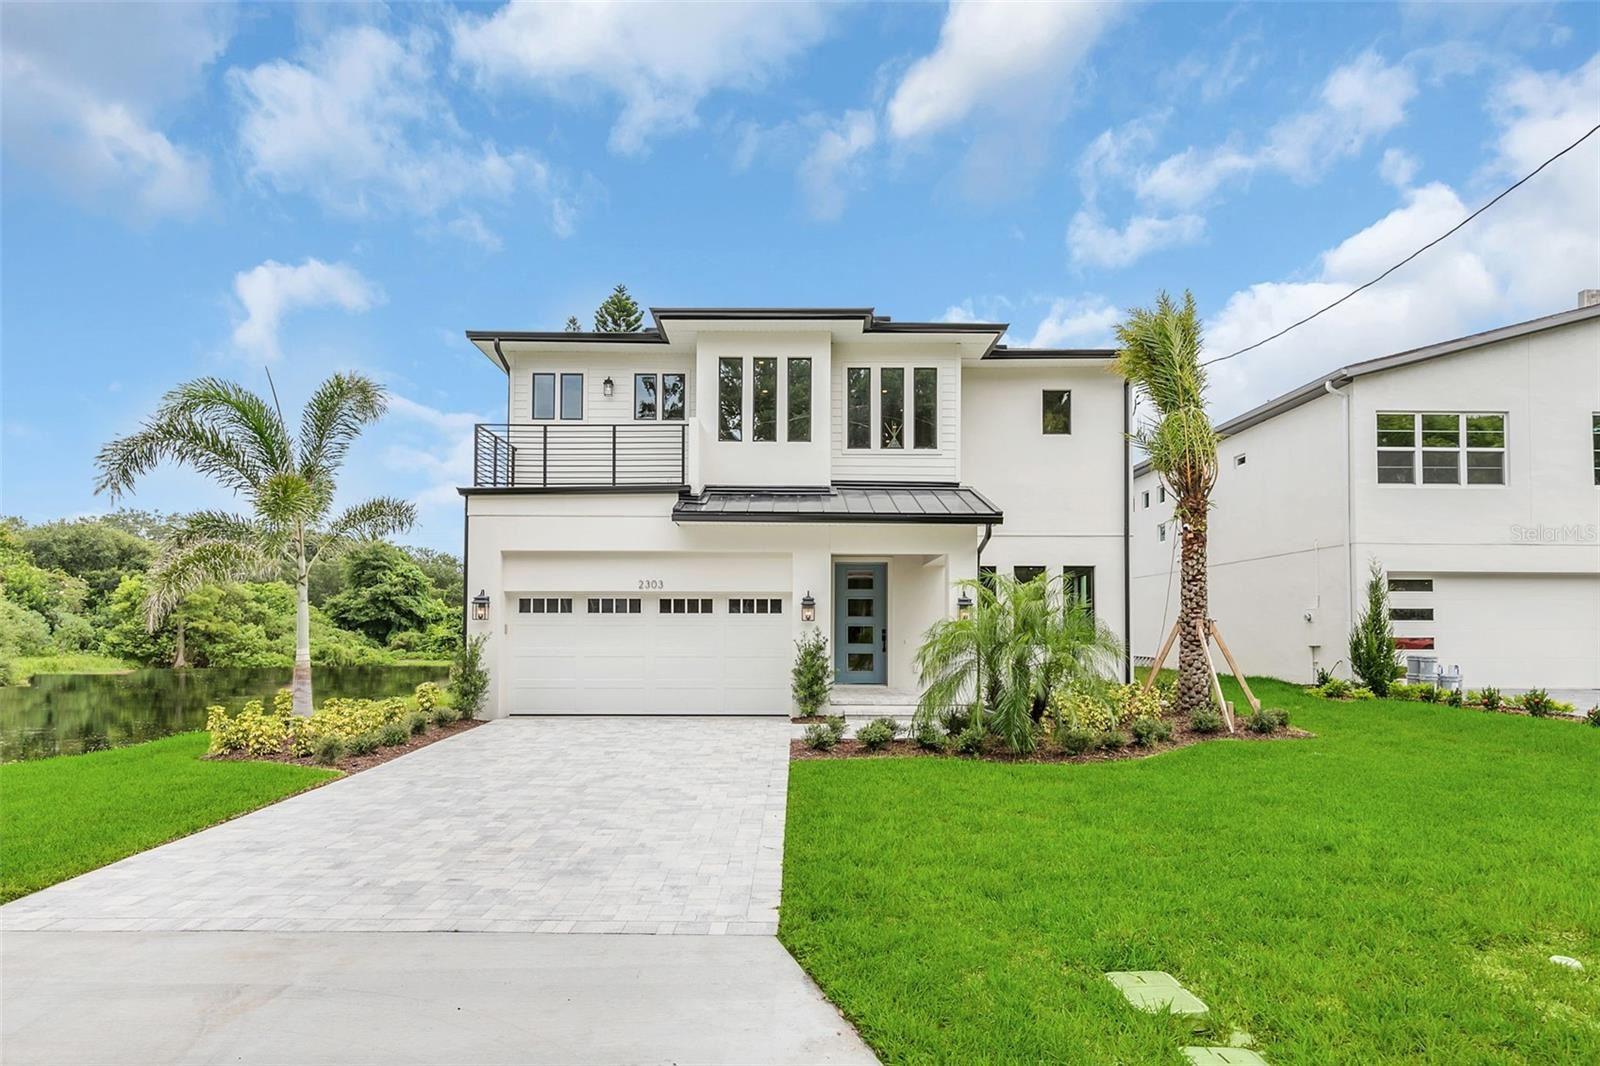 2303 S SHINE AVENUE, Orlando, FL 32806 - #: O5951050